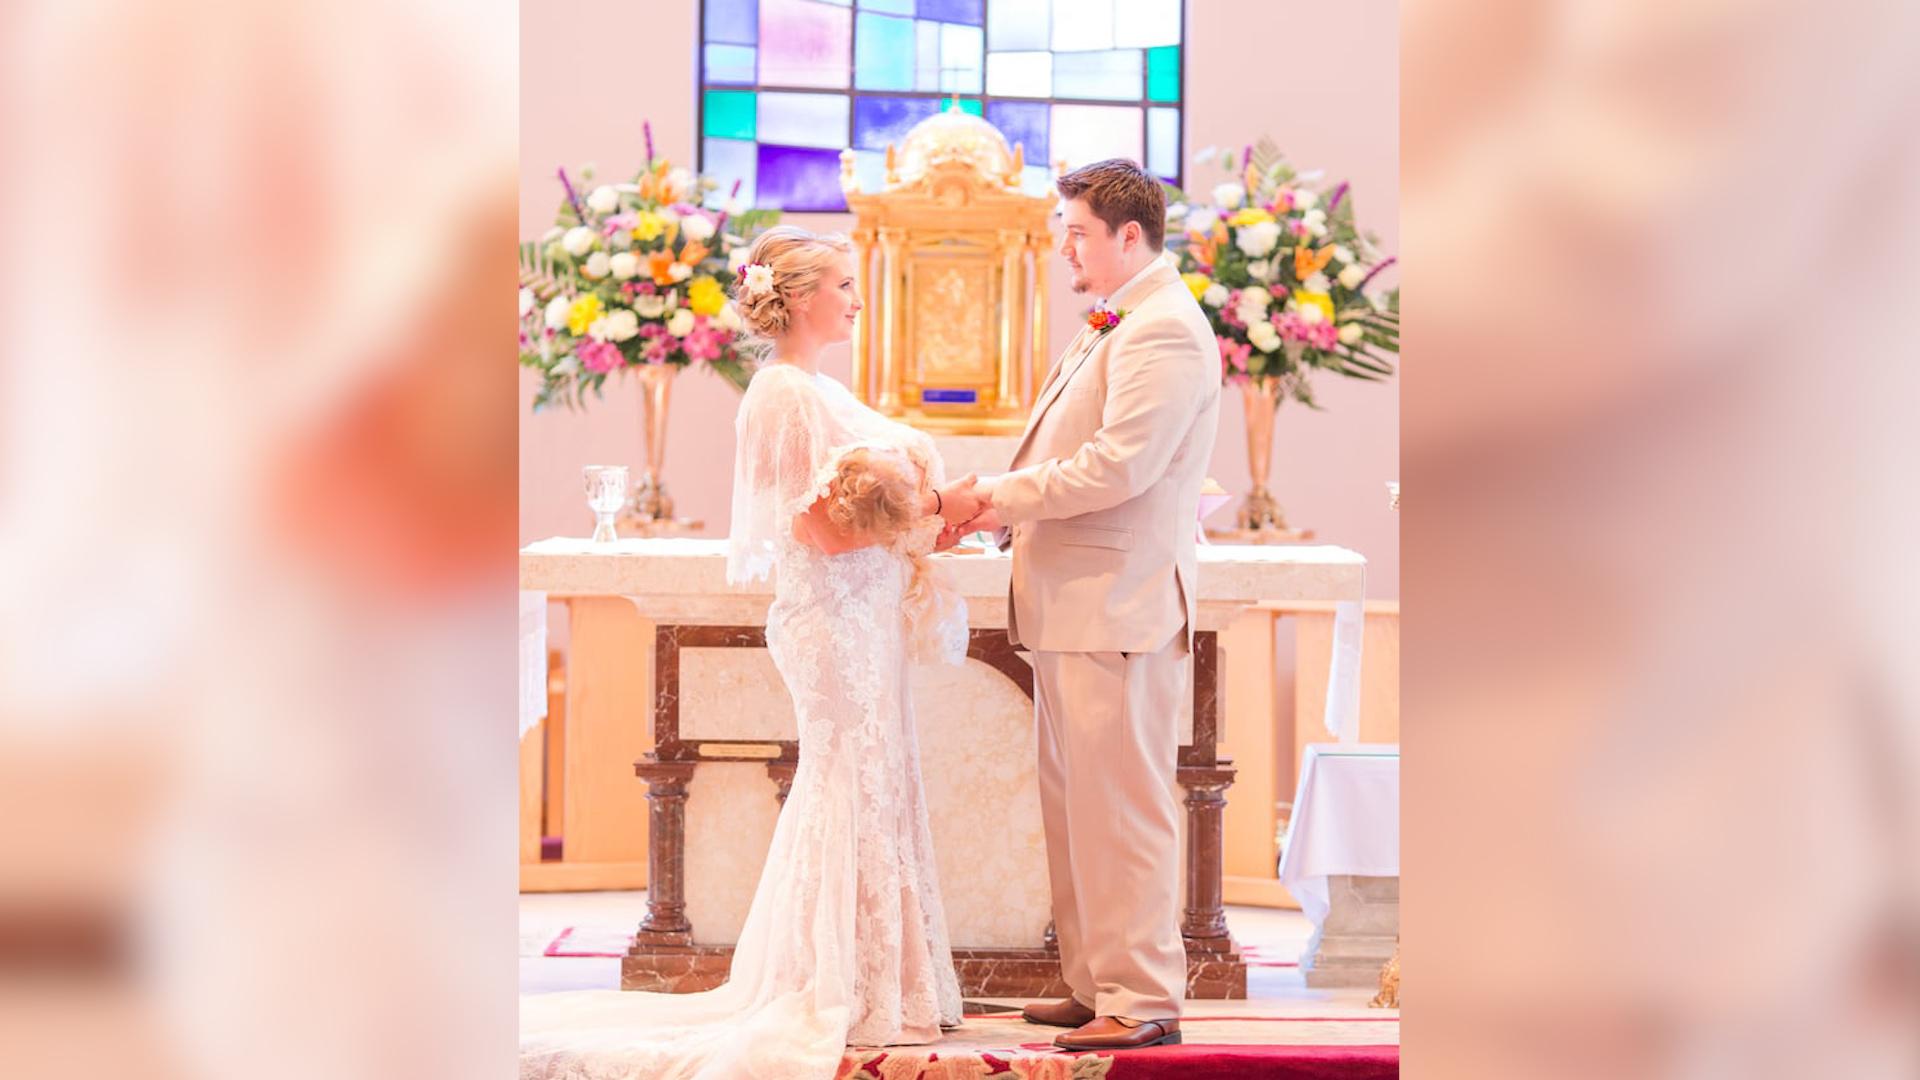 Panna młoda karmiła piersią na własnym ślubie